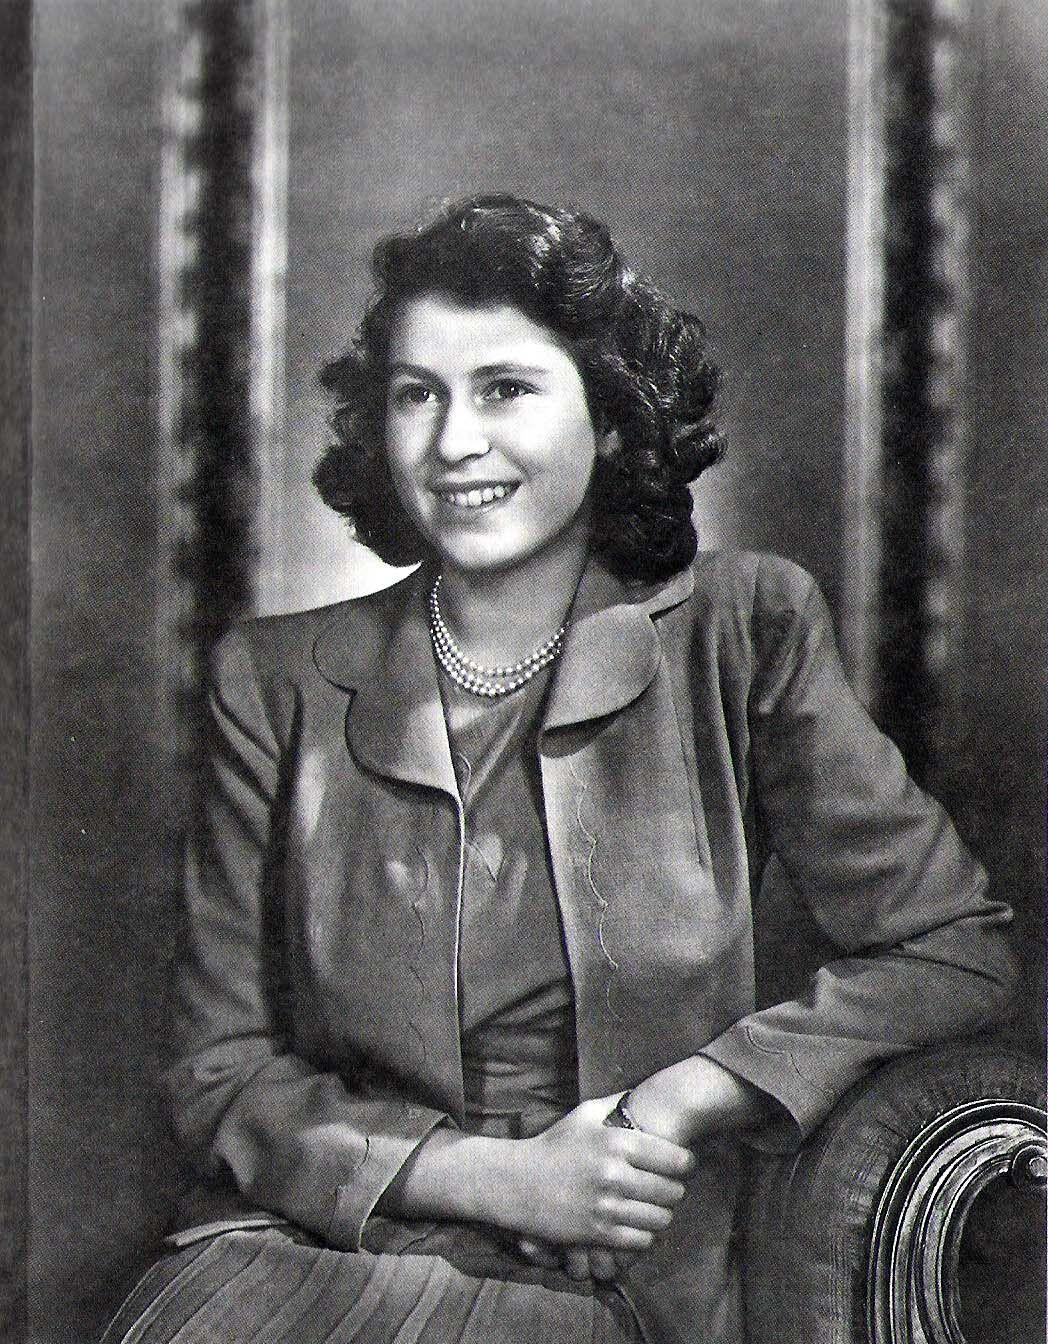 Princess Elisabeth (later Queen Elisabeth II) in 1943 at